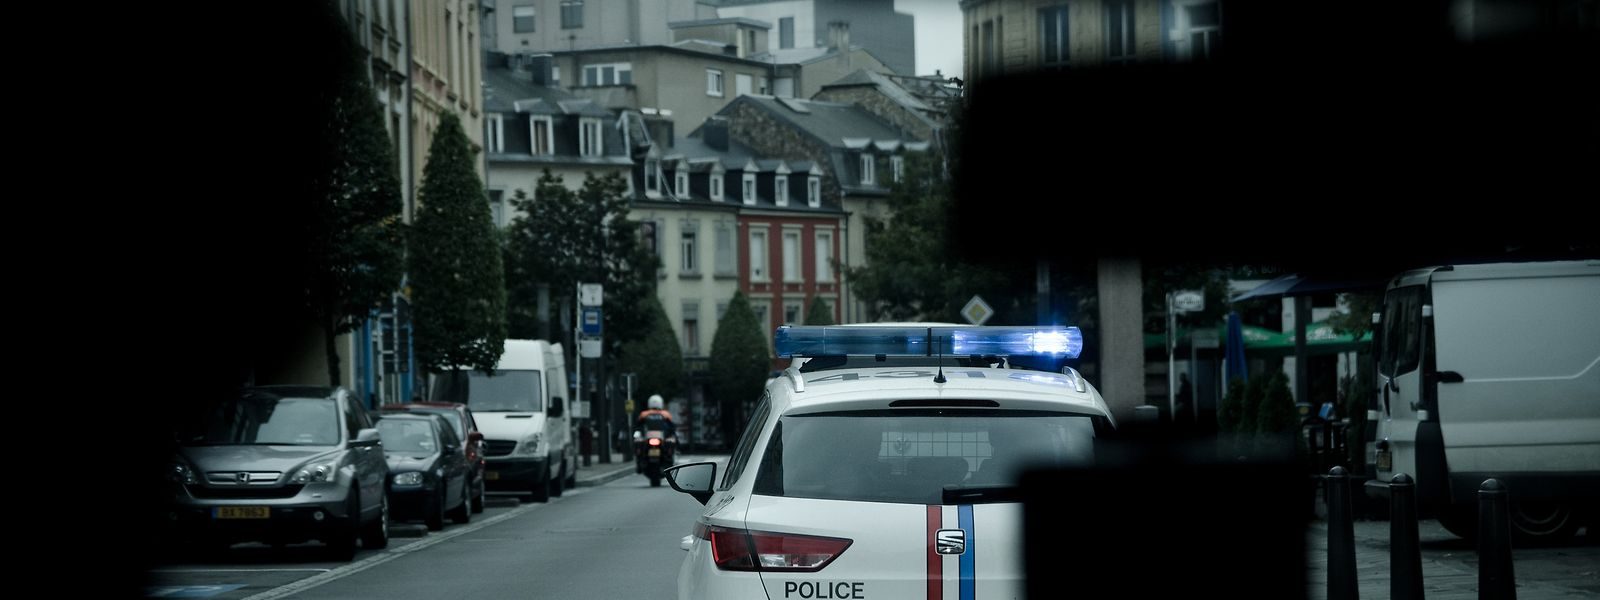 Die Bande belieferte den Ermittlungen zufolge Dealer und Konsumenten in Gaststätten in der Rue du Fort Neipperg und in der Rue de Bonnevoie.